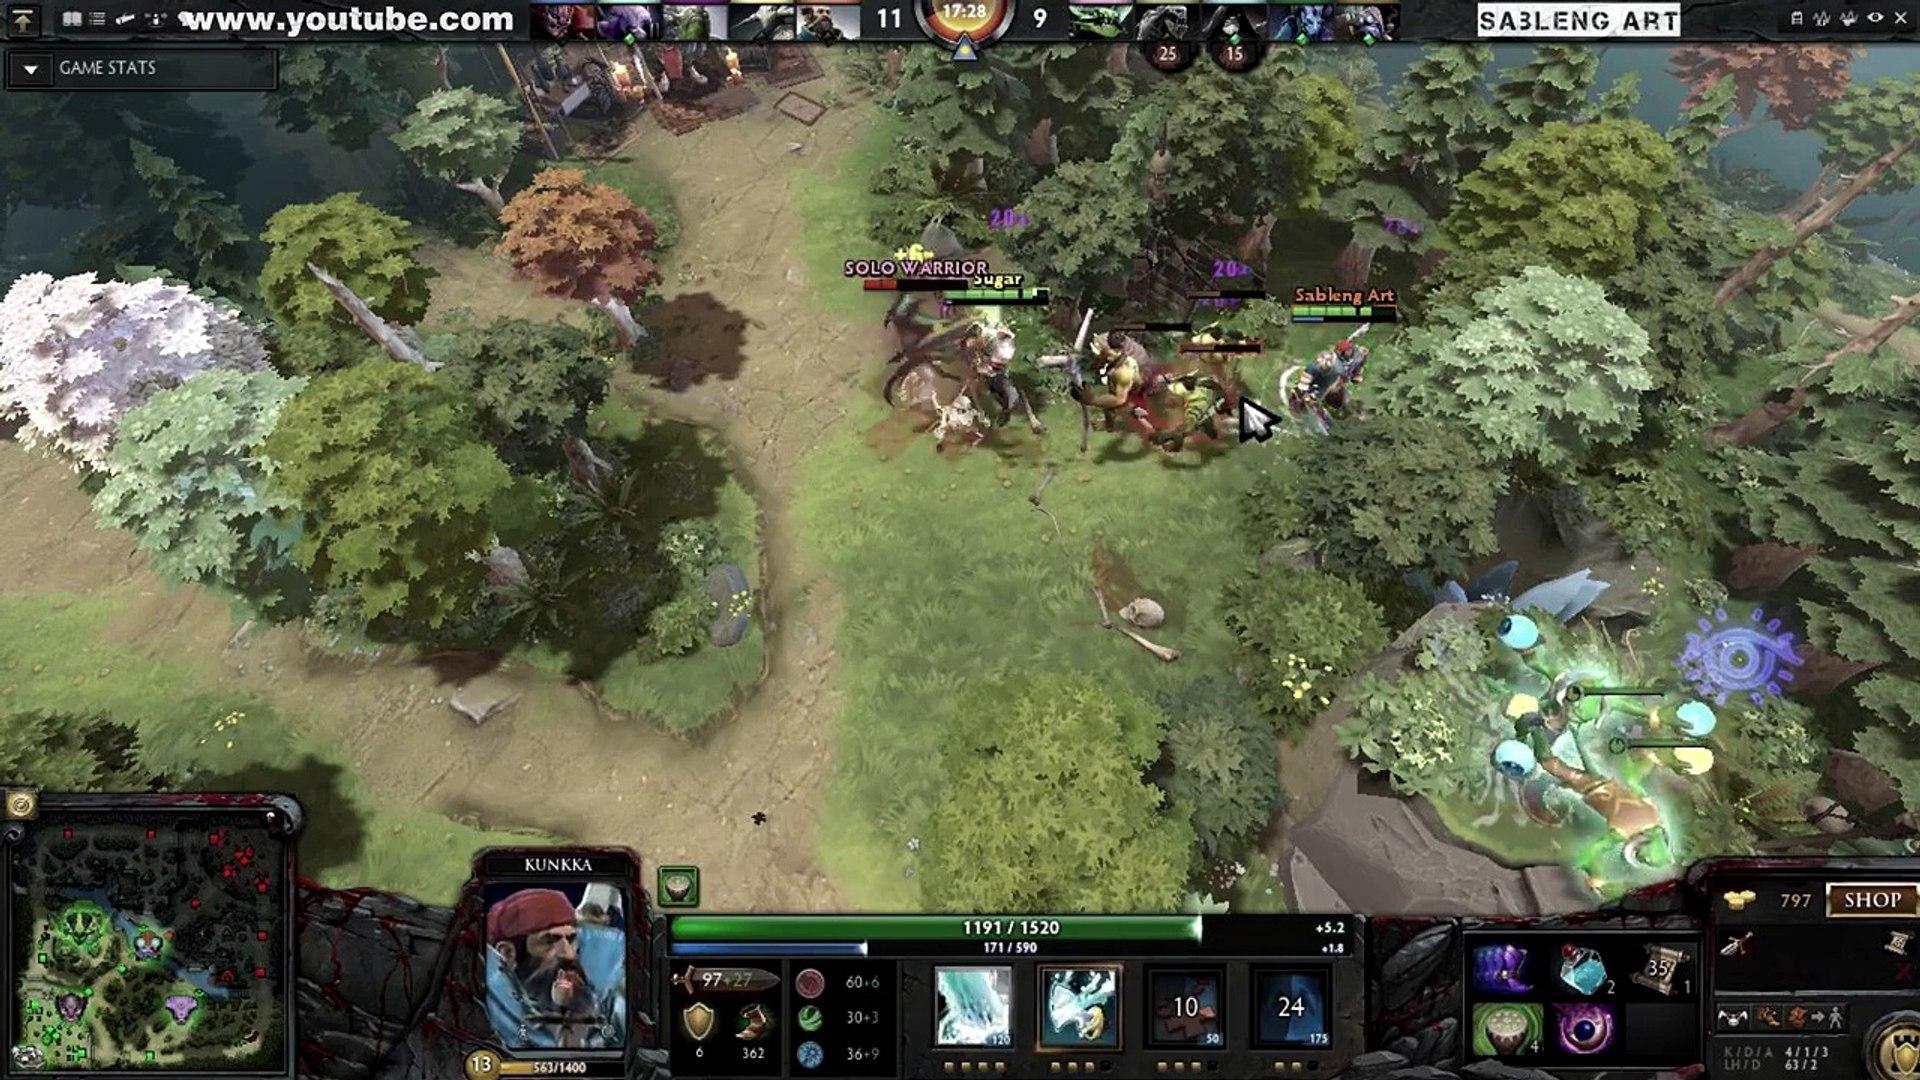 Sableng Art - Kunkka Asia Typical - Dota 2 Game Play